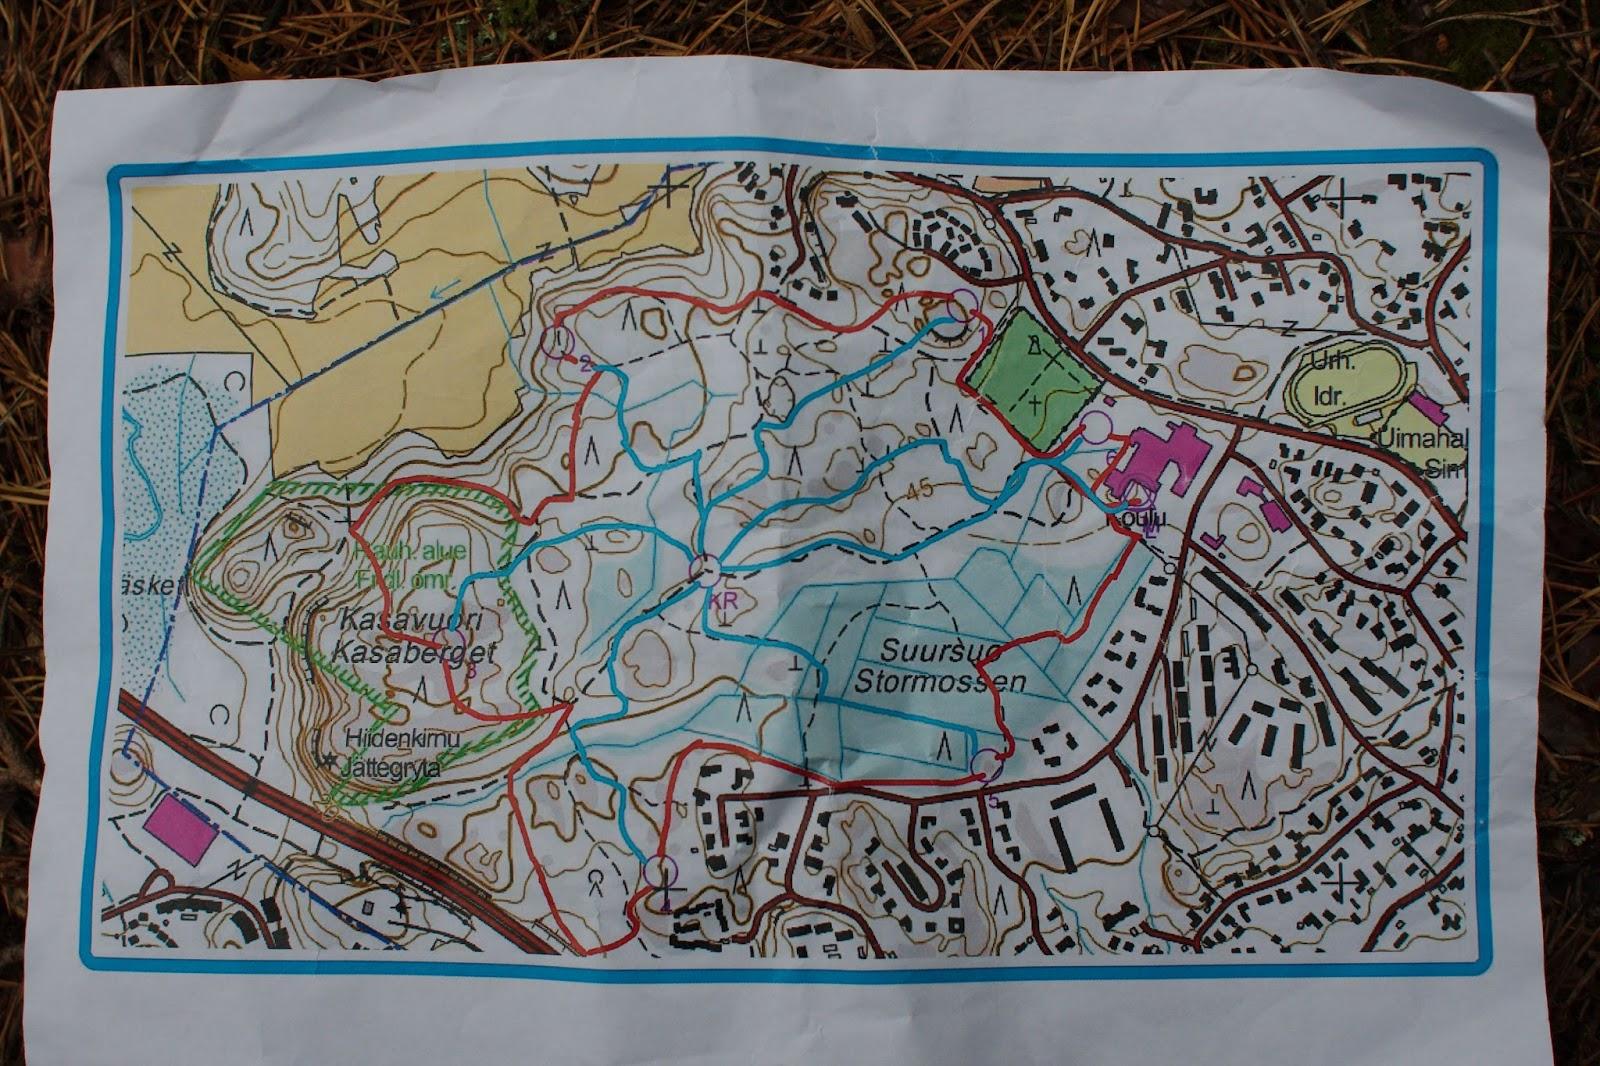 Kartta Kasavuoressa järjestetystä Pinkki-partiotaitokilpailusta